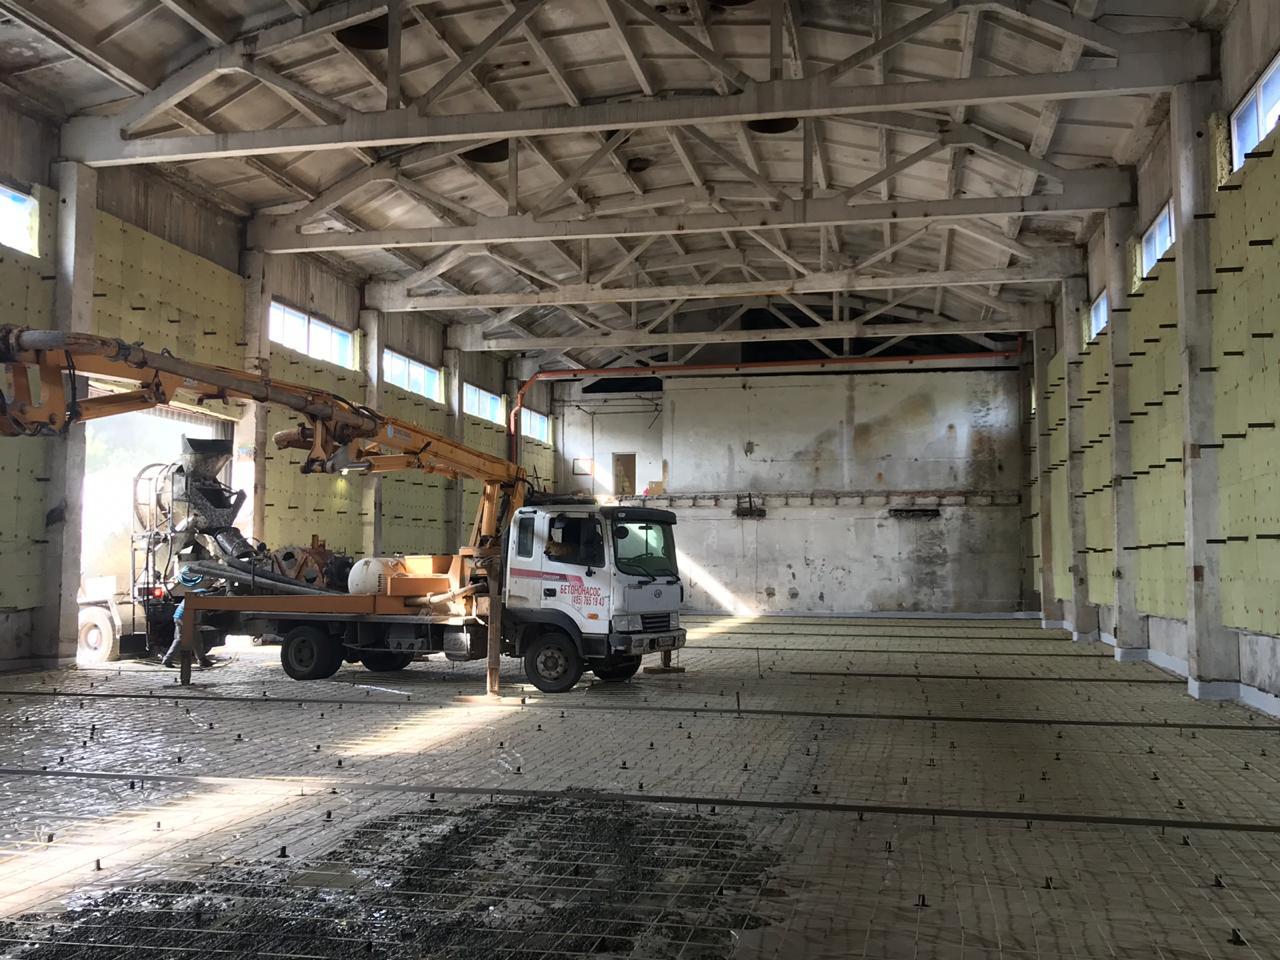 Реконструкция завода 3,700м2 в г. Коломна с применением пластиковой Арматуры